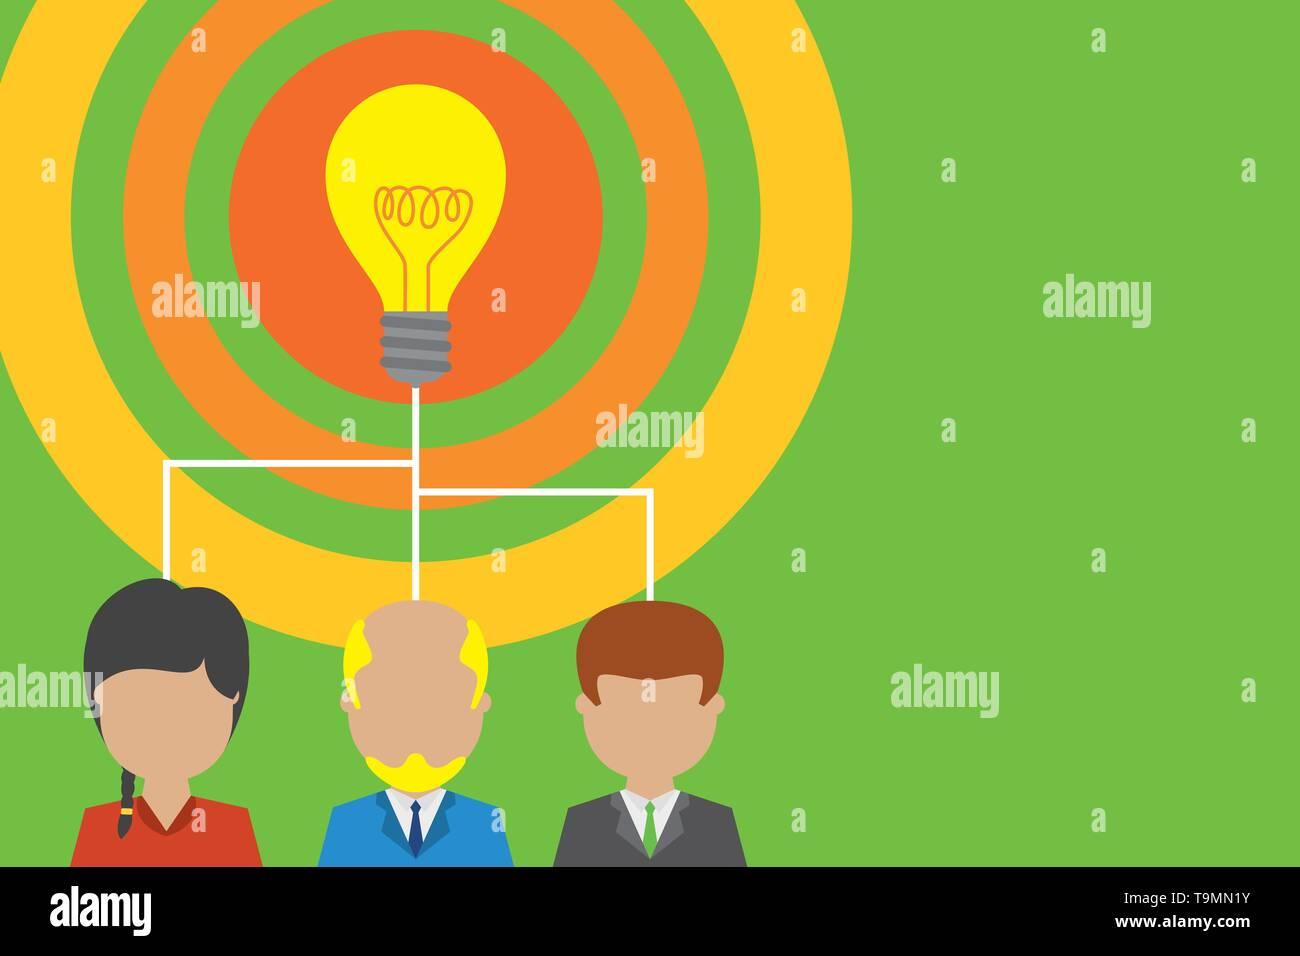 Ejecutivo Del Grupo Tres Personas Compartiendo Idea Icono